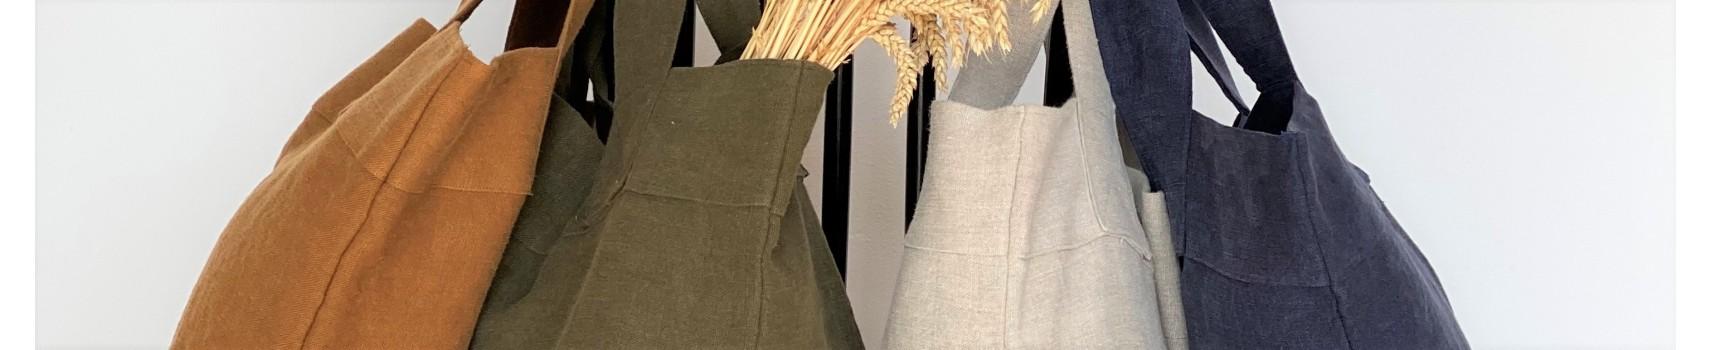 dimanche: sacs en lin, fabrication française, Charvet Editions